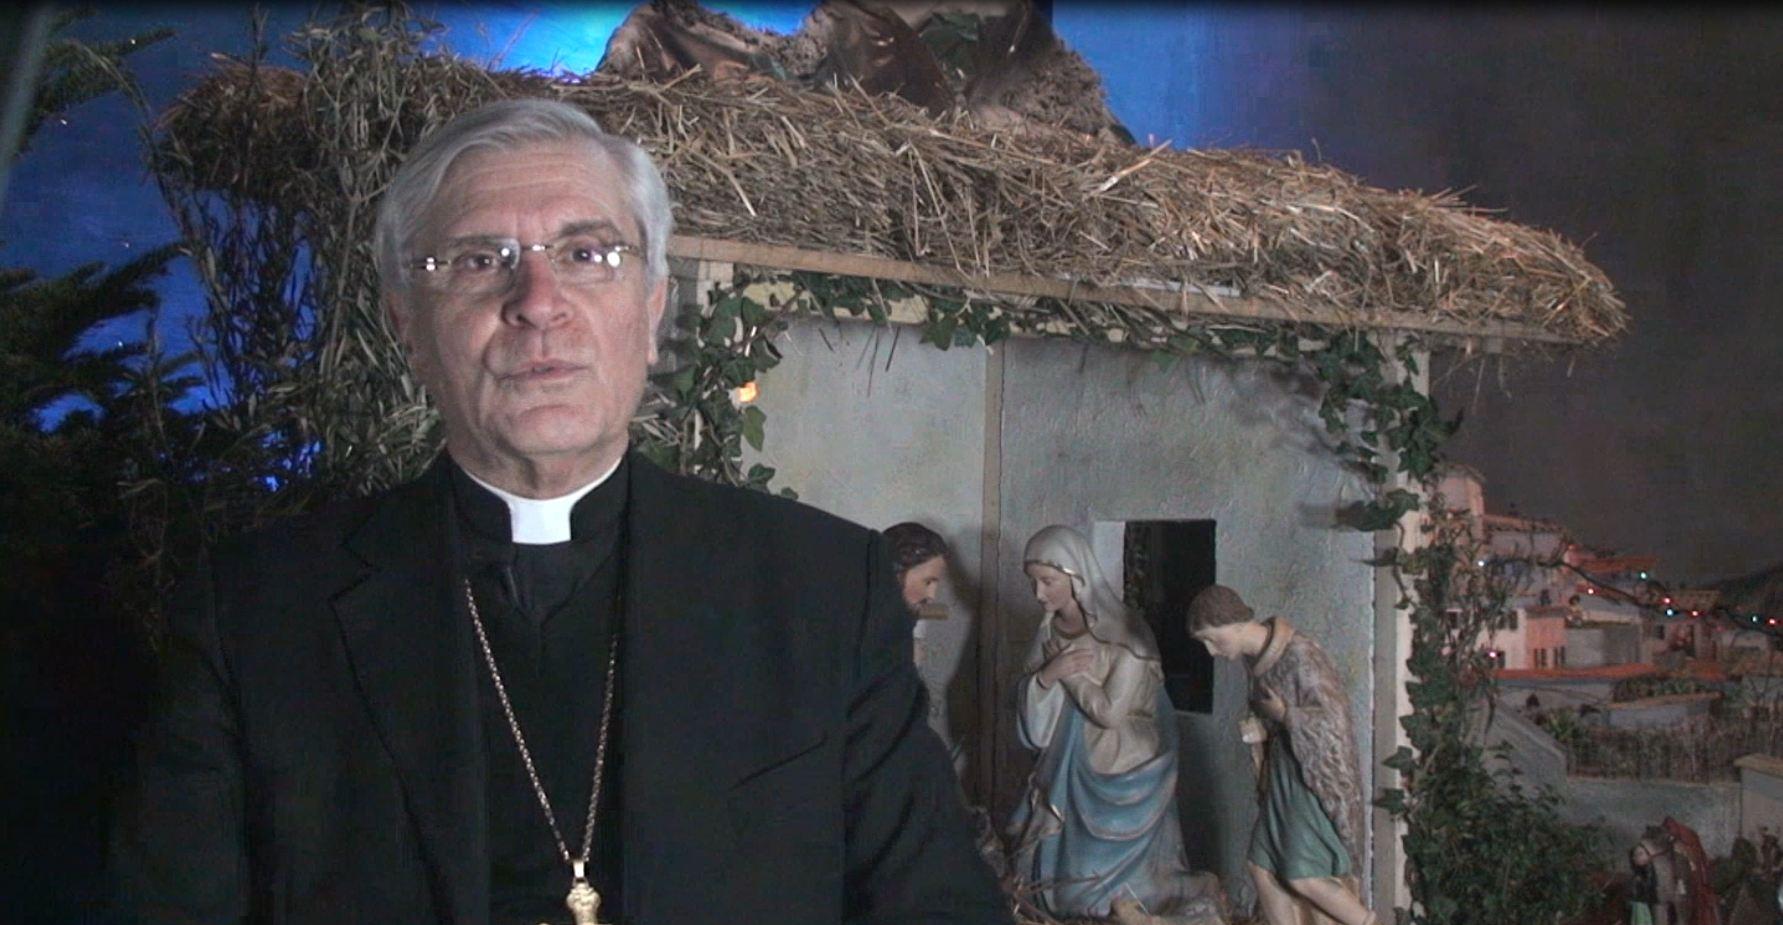 La chronique de Mgr Jean-Michel di Falco Léandri : Ils ont rencontré Dieu… et vous ?